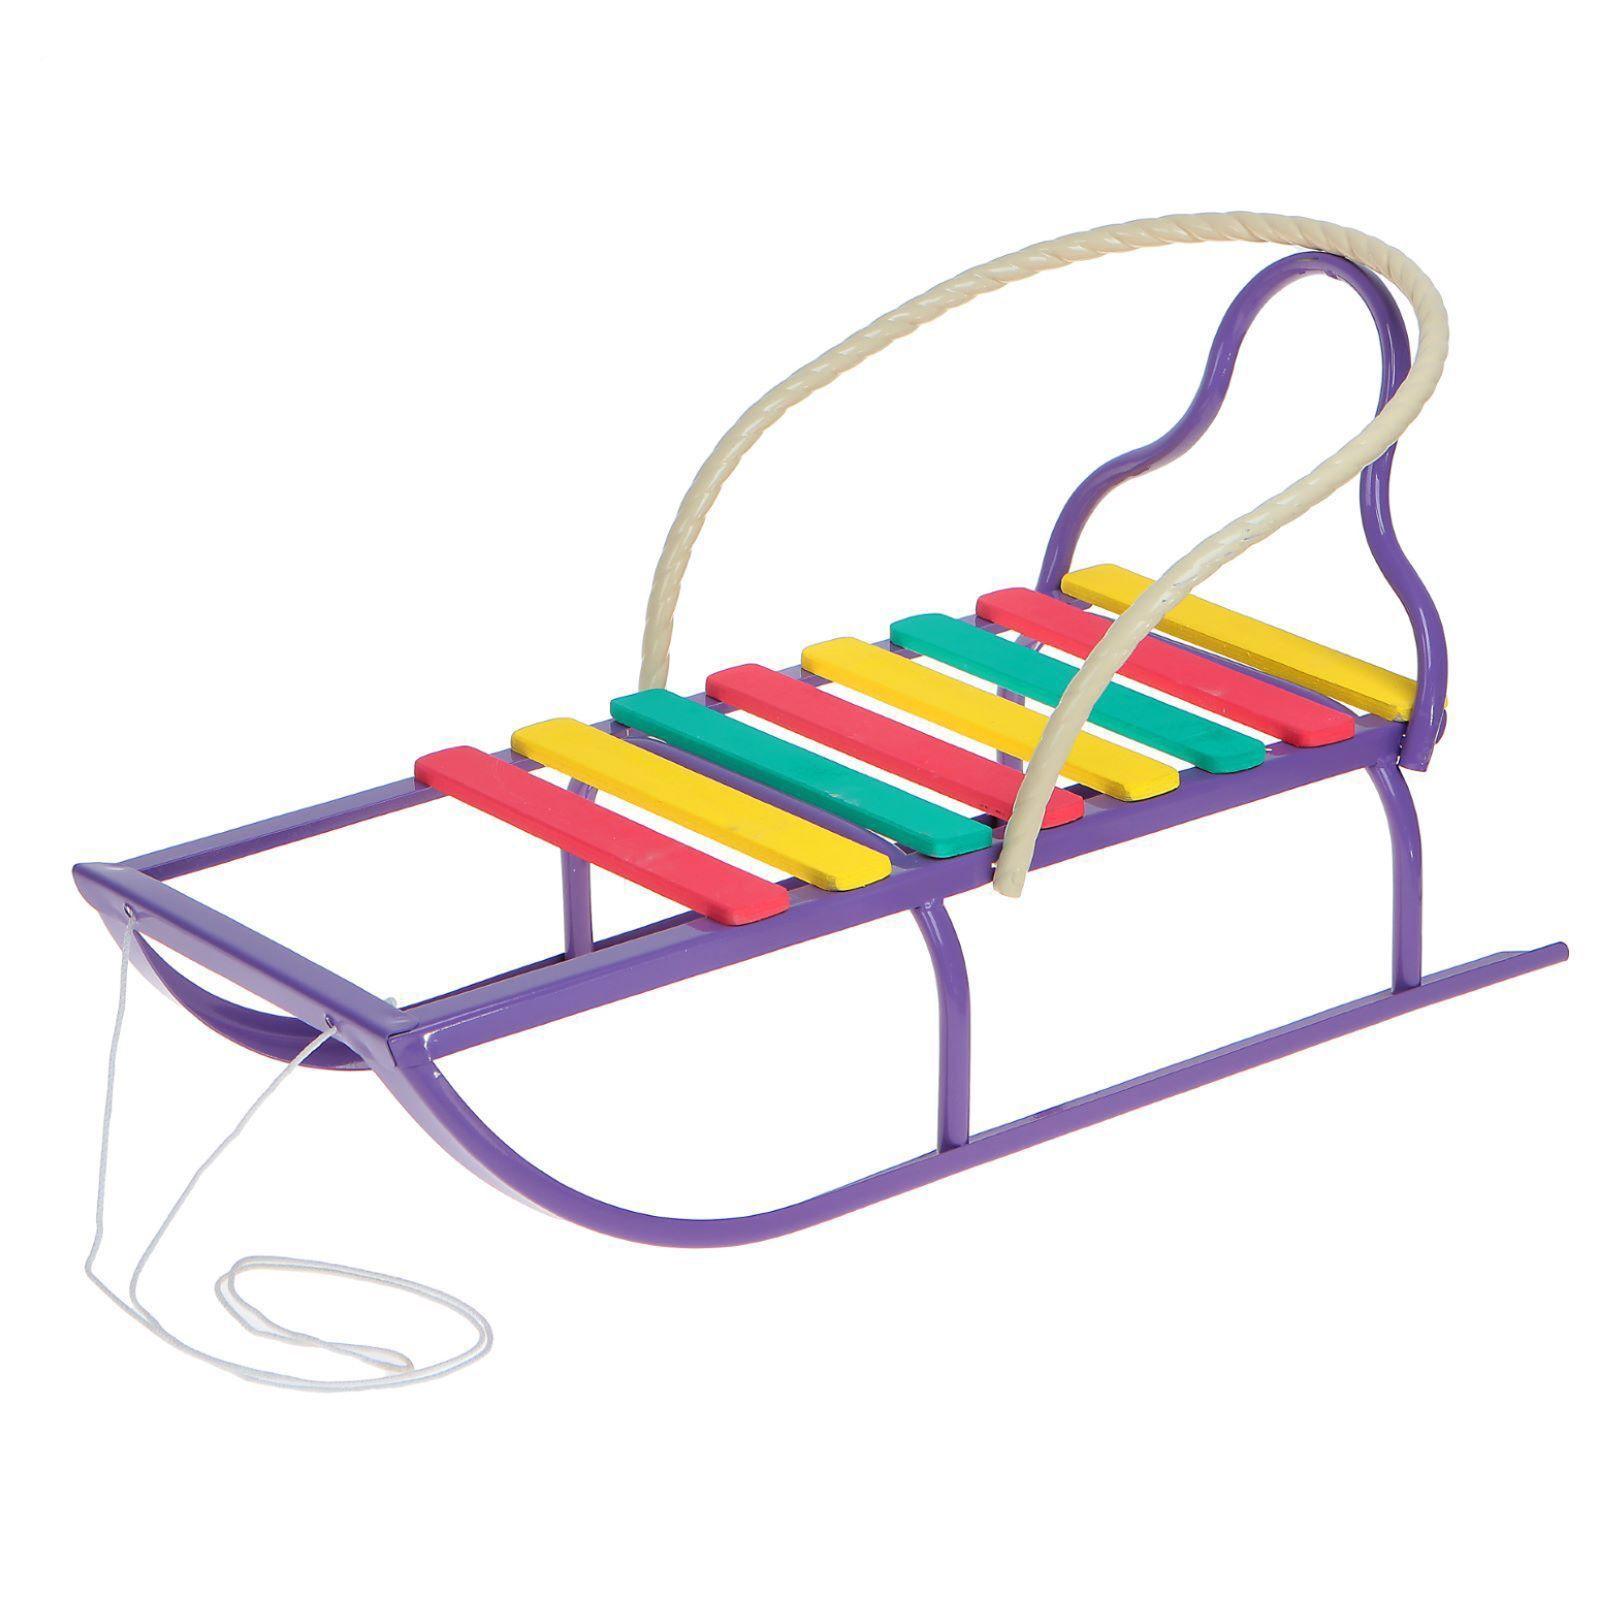 Санки Вятские-2, фиолетовые, без толкателяСанки и сани-коляски<br>Санки Вятские-2, фиолетовые, без толкателя<br>